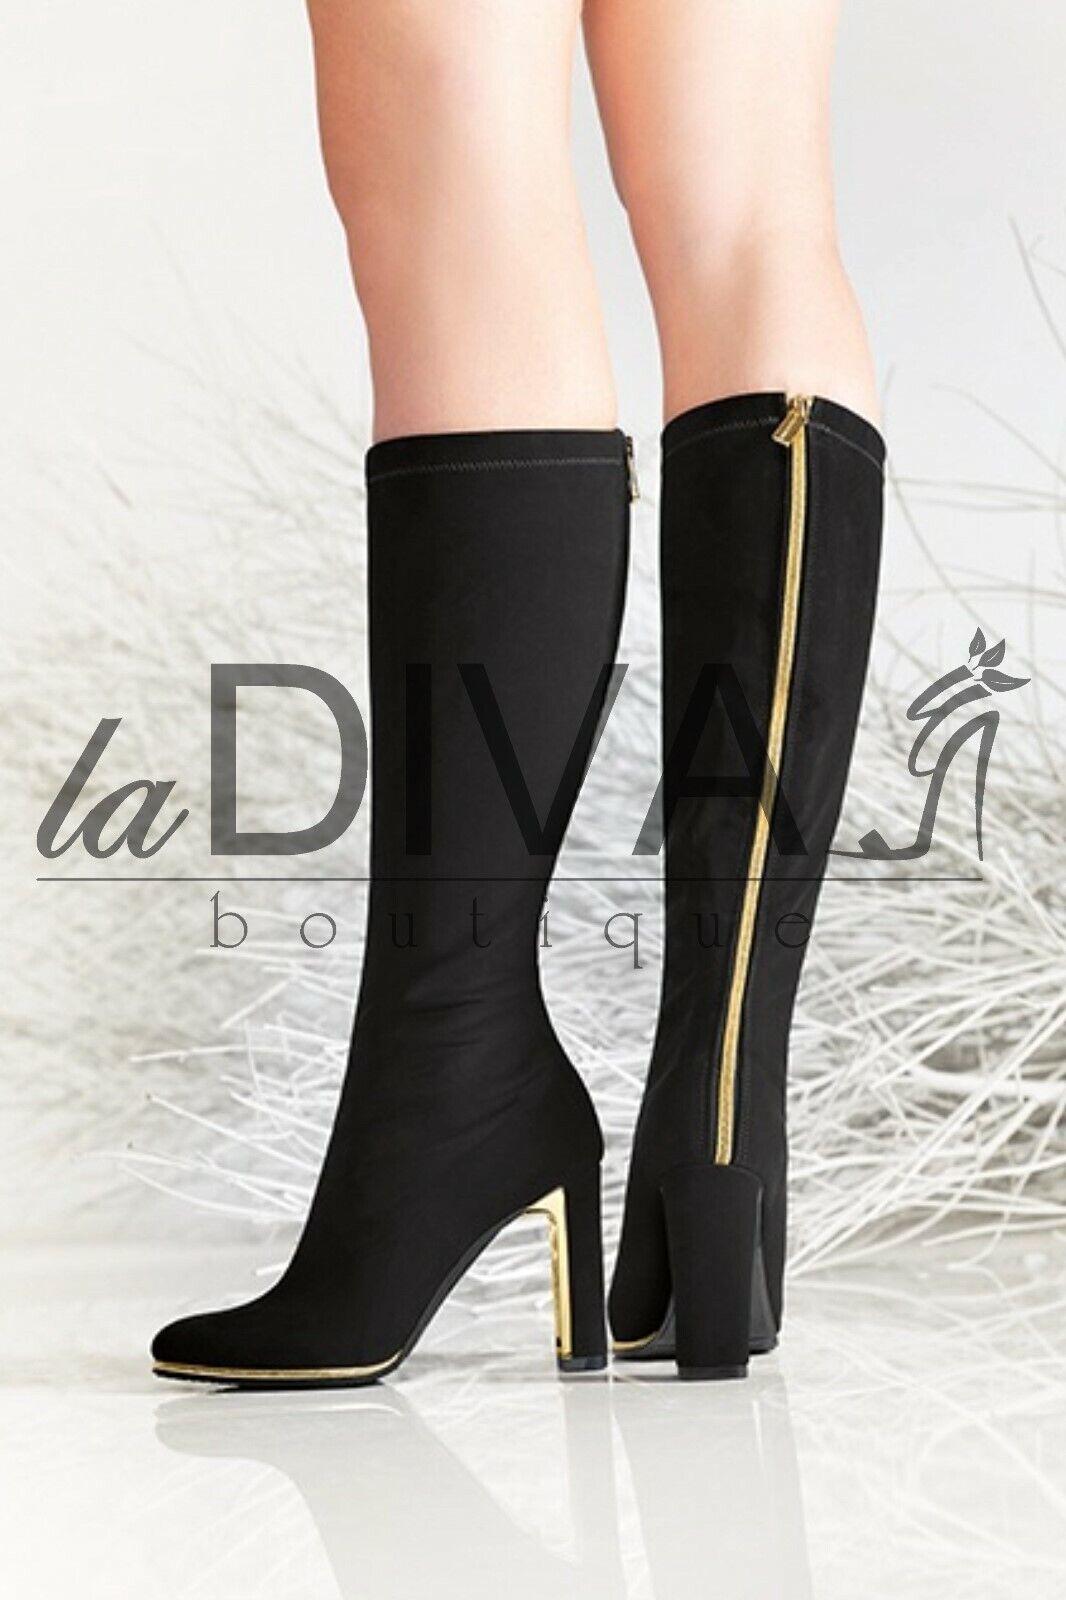 NILA & NILA  Stretch Stiefel 37 schwarz Zipper Leder Stiefel %SALE% OVP